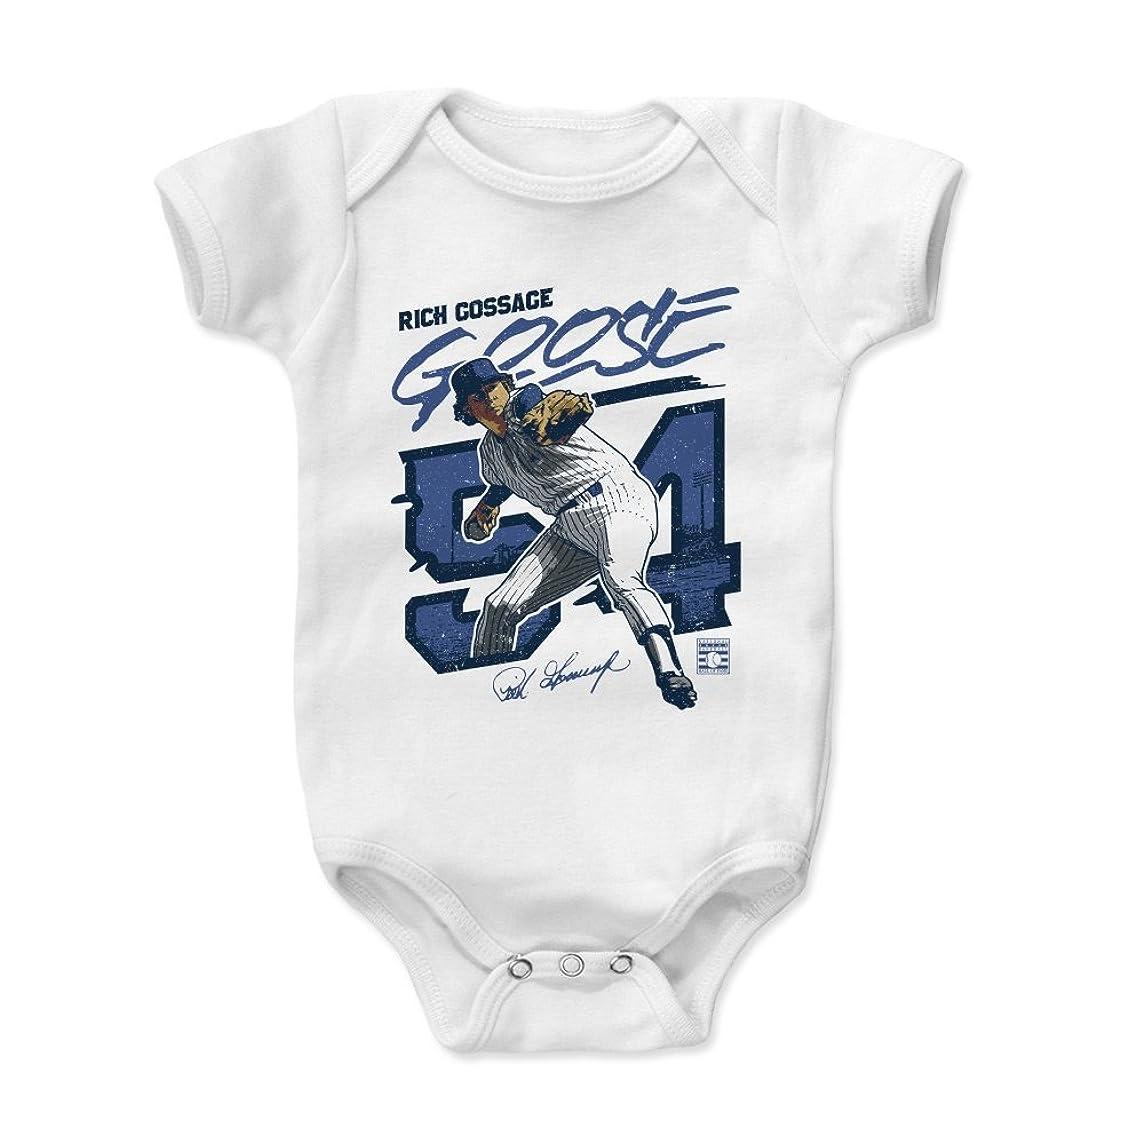 500 LEVEL Rich Gossage New York Baseball Baby Clothes & Onesie (3-24 Months) - Rich Gossage Goose